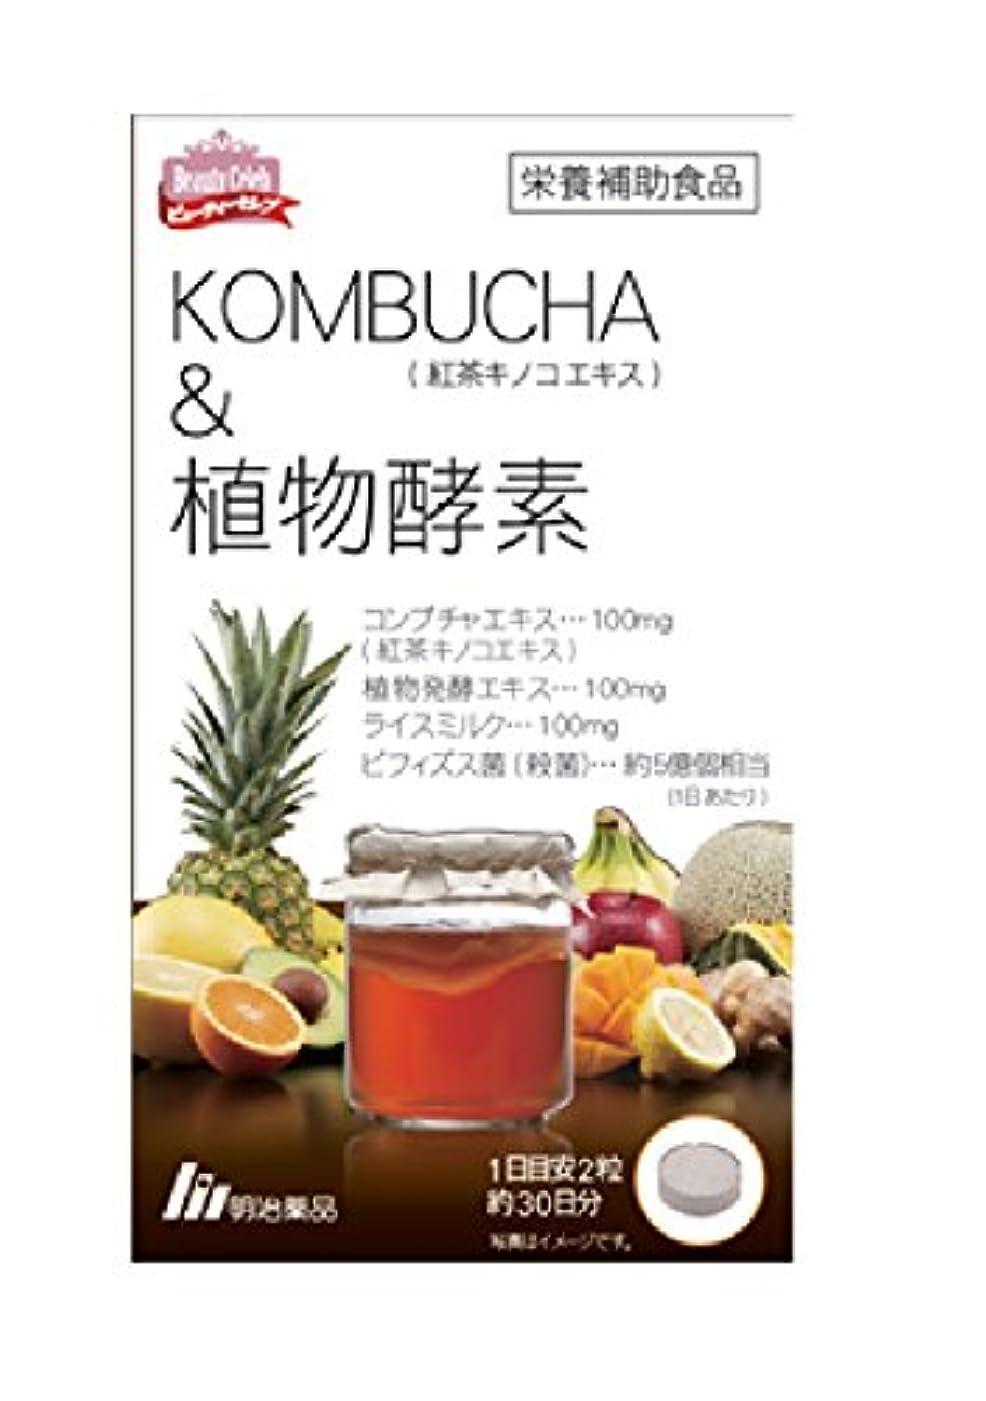 付与ライム経歴明治薬品 KOMBUCHA&植物酵素 60粒